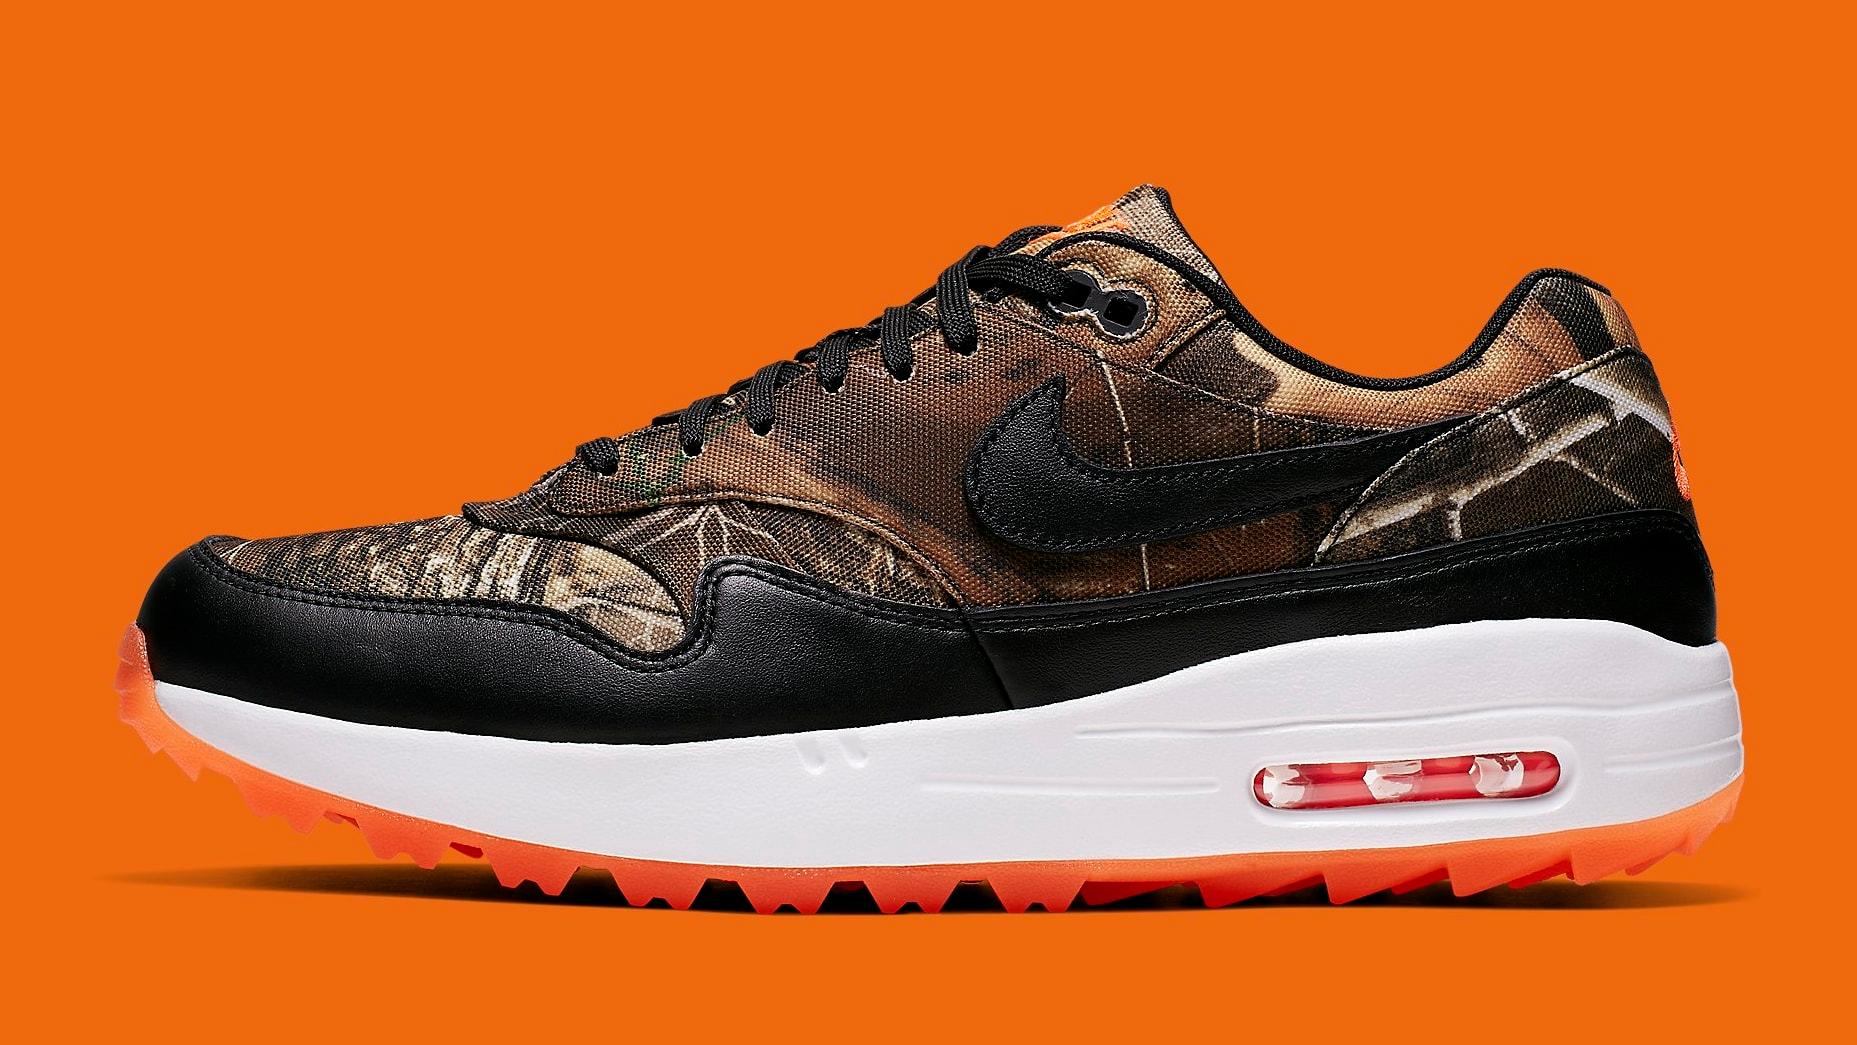 Nike Air Max 1 golfschoenen aanbieding? | BESLIST.nl | Lage